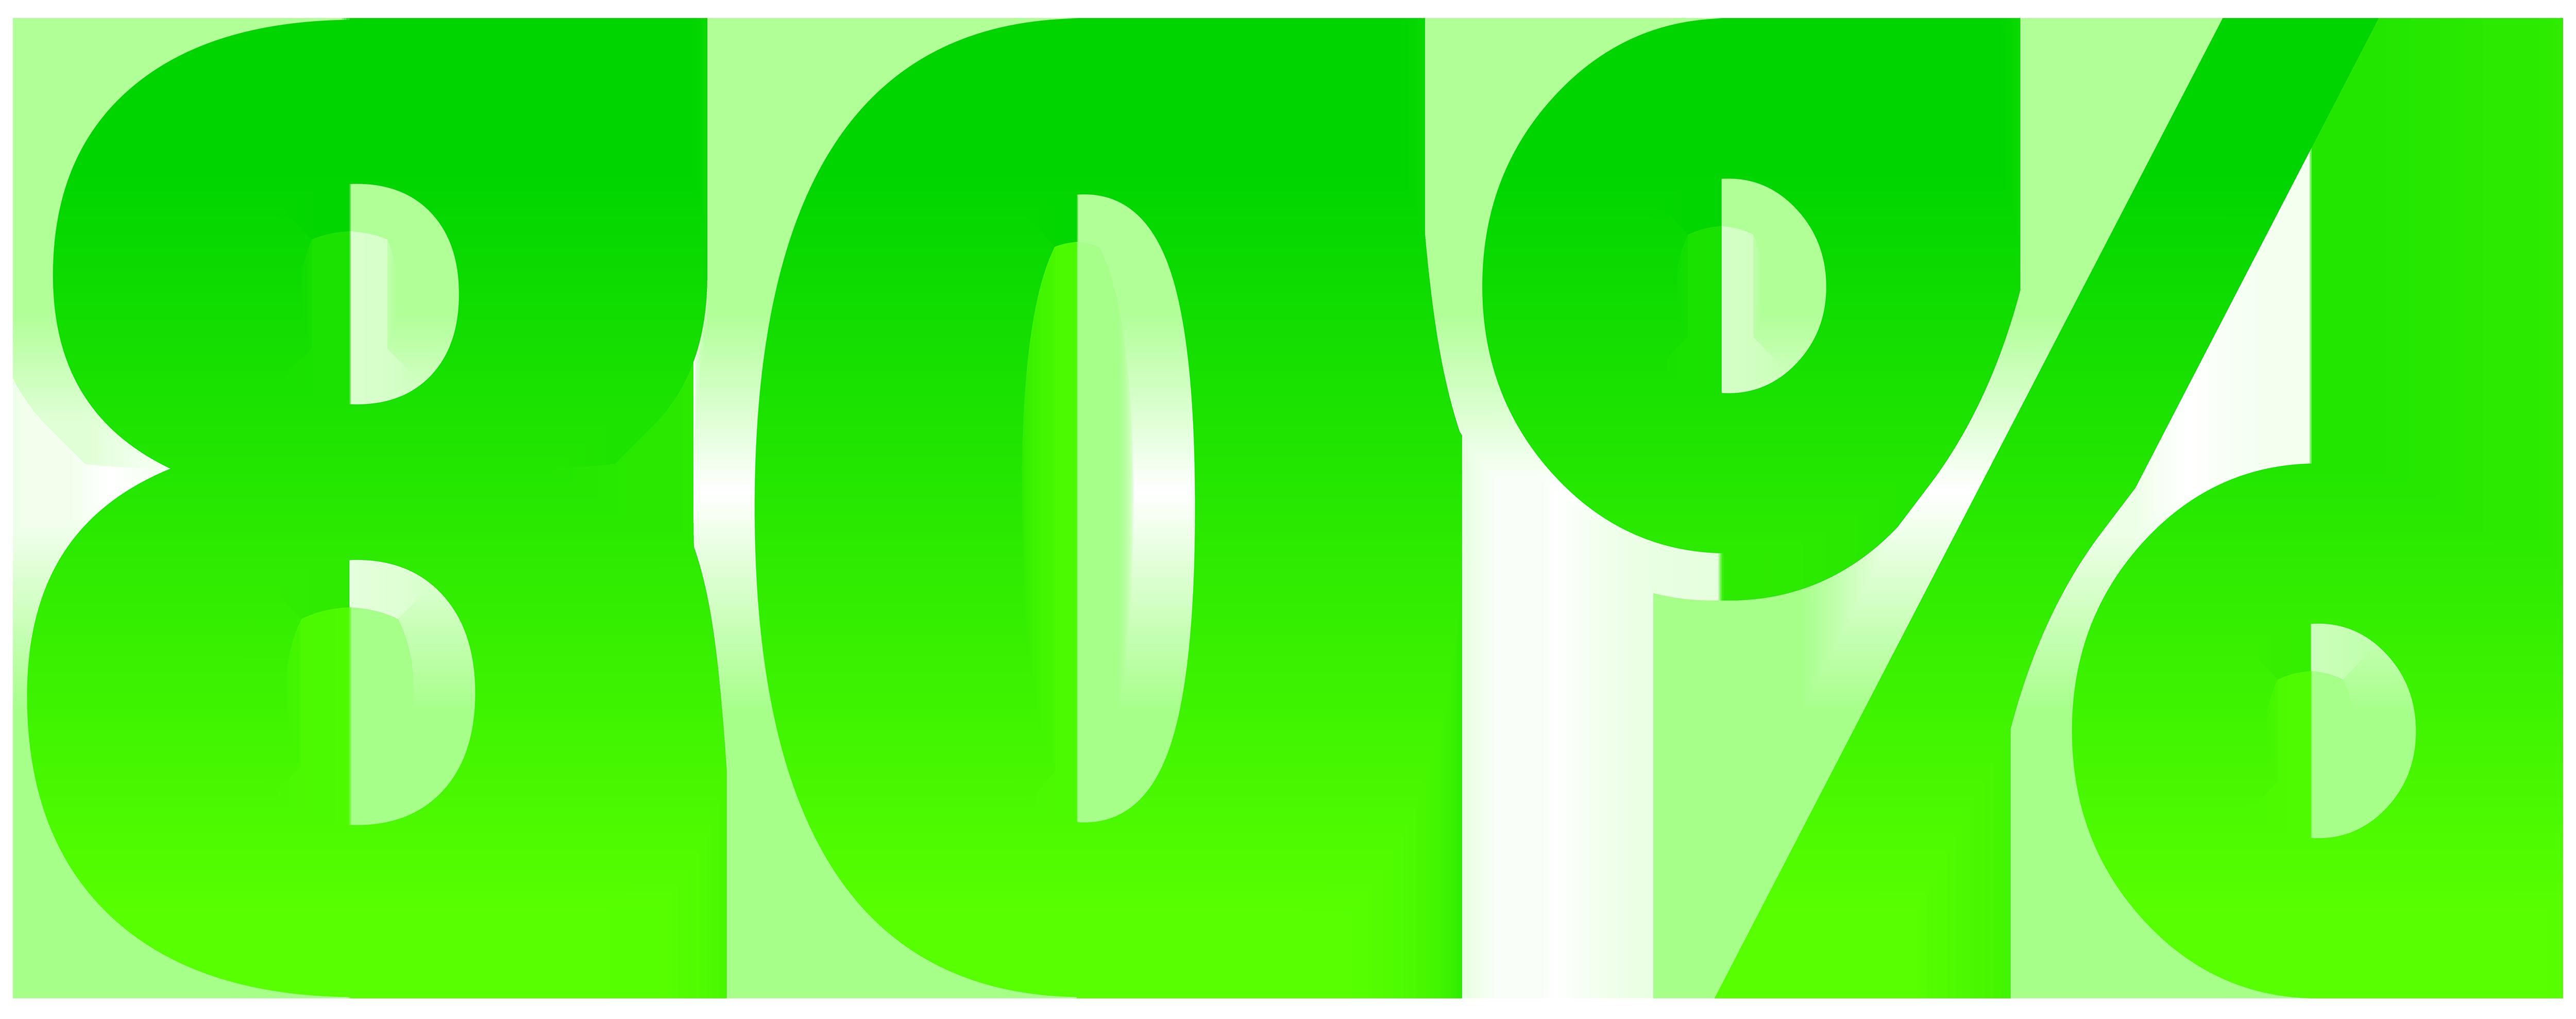 80 Off Sale Transparent PNG Clip Art Image.